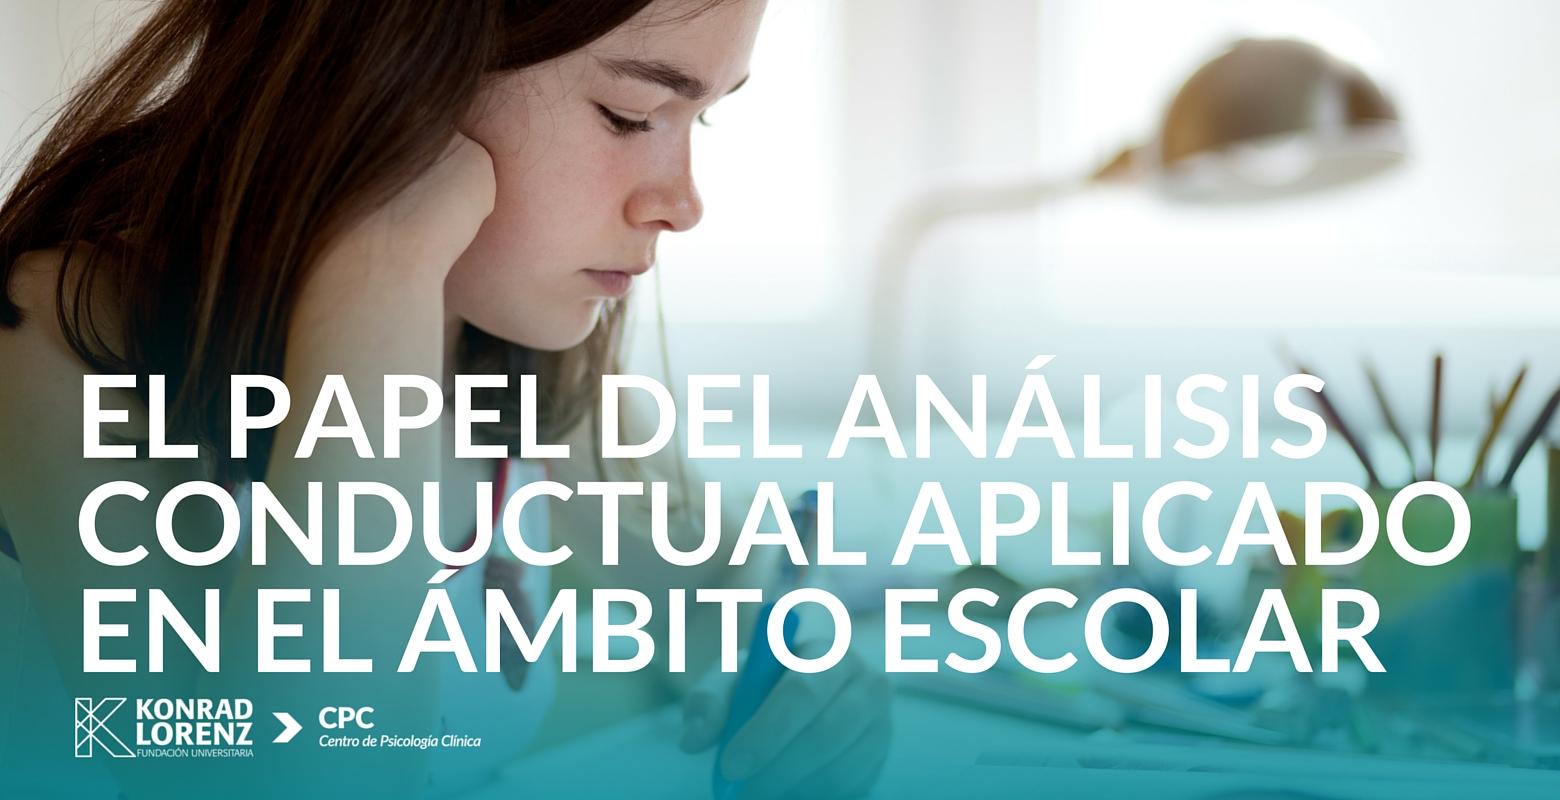 El papel del análisis conductual aplicado en el ámbito escolar